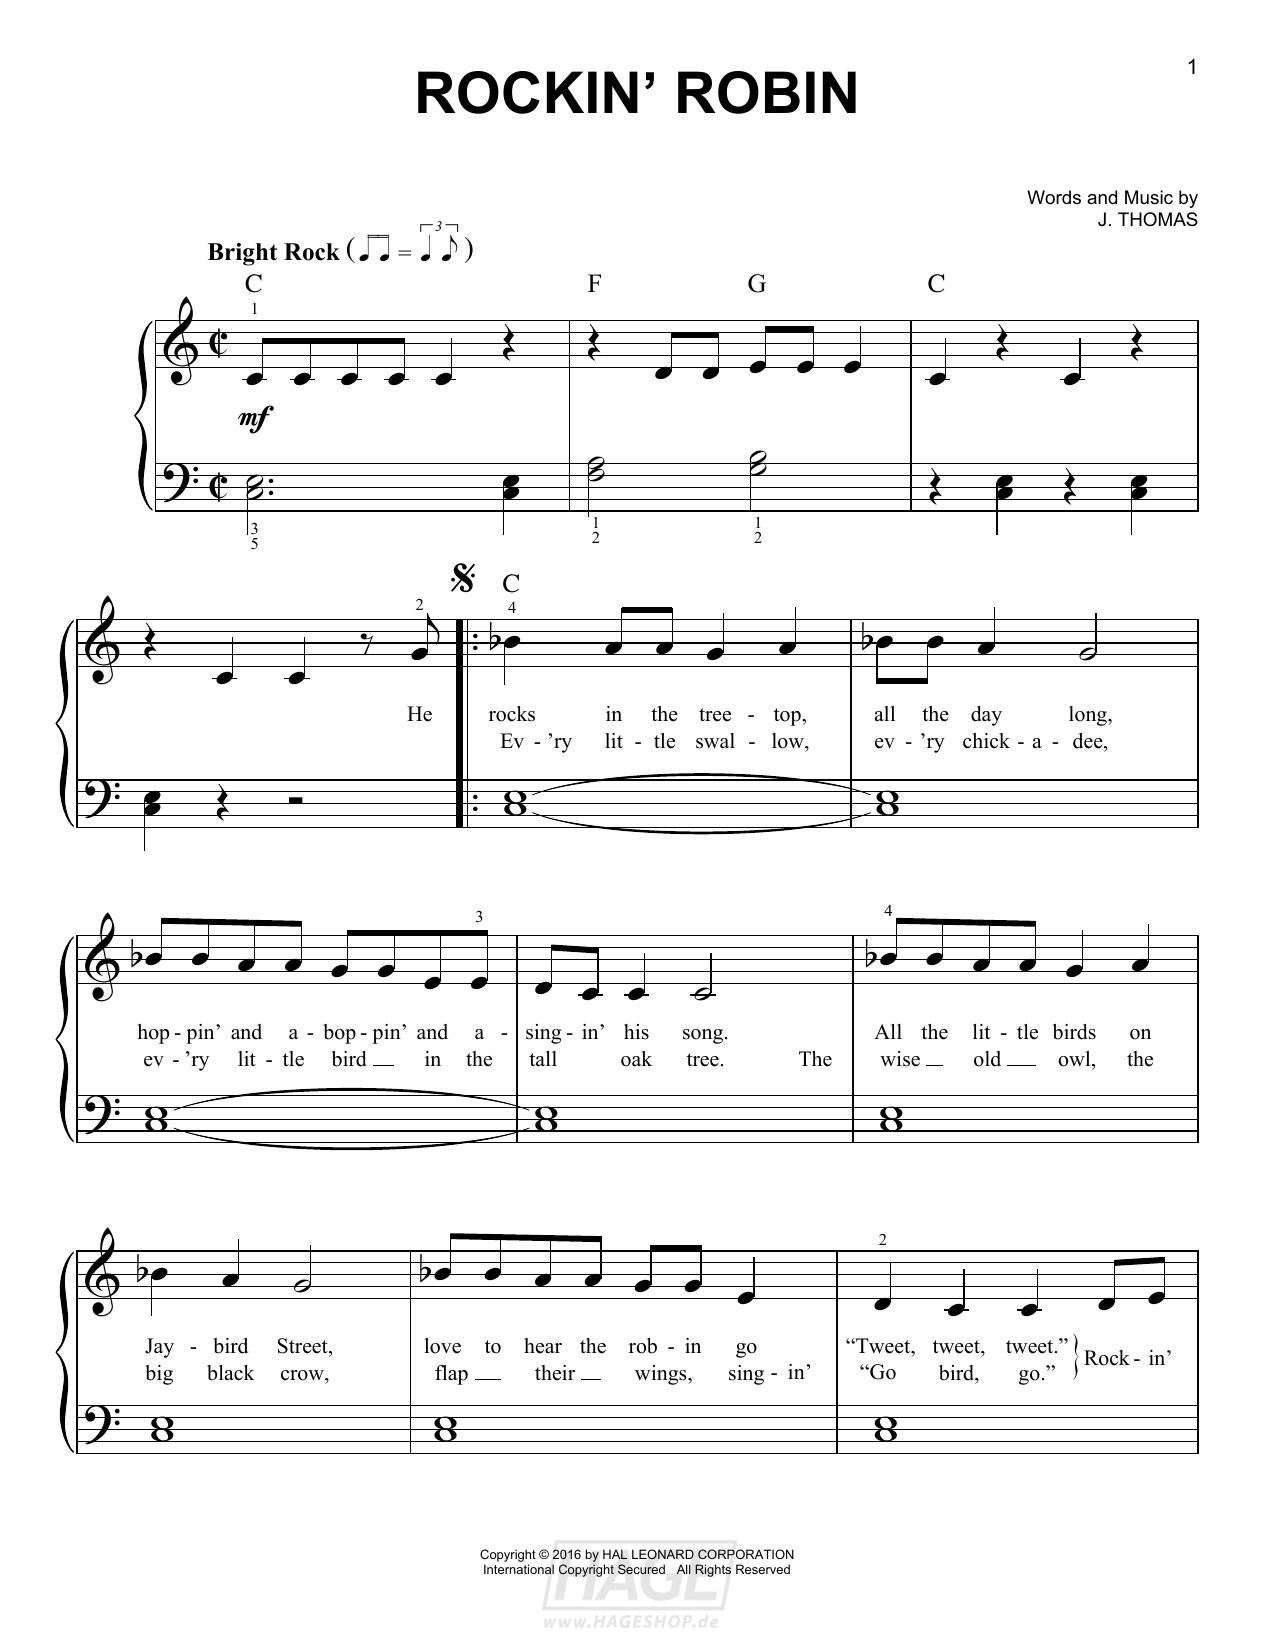 Rockin' Robin - Michael Jackson - Noten Druckvorschau